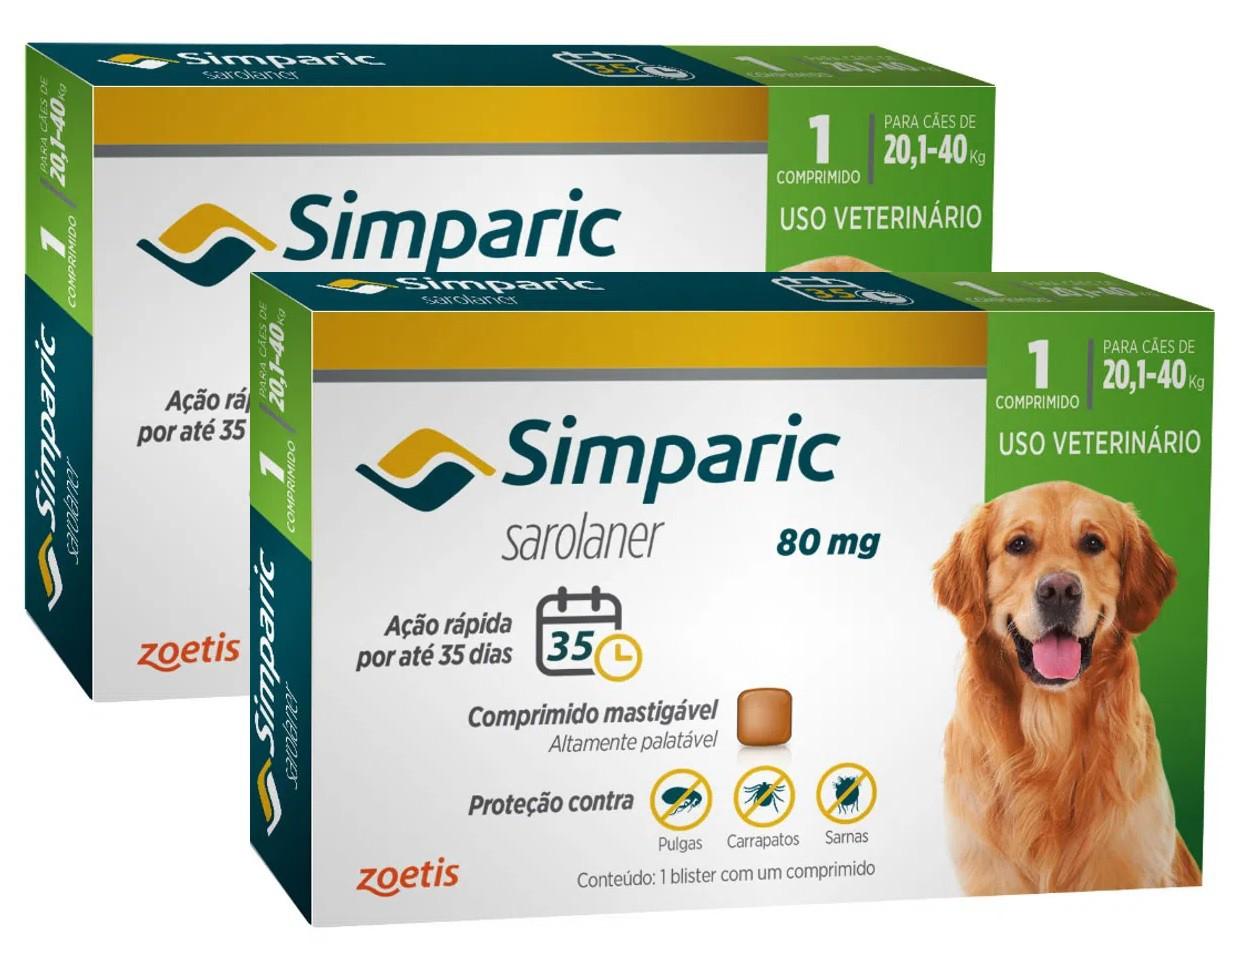 Kit 2 Unidades Antipulgas e Carrapatos para Cães Simparic de 20,1 a 40kg (3 tabletes) - Zoetis